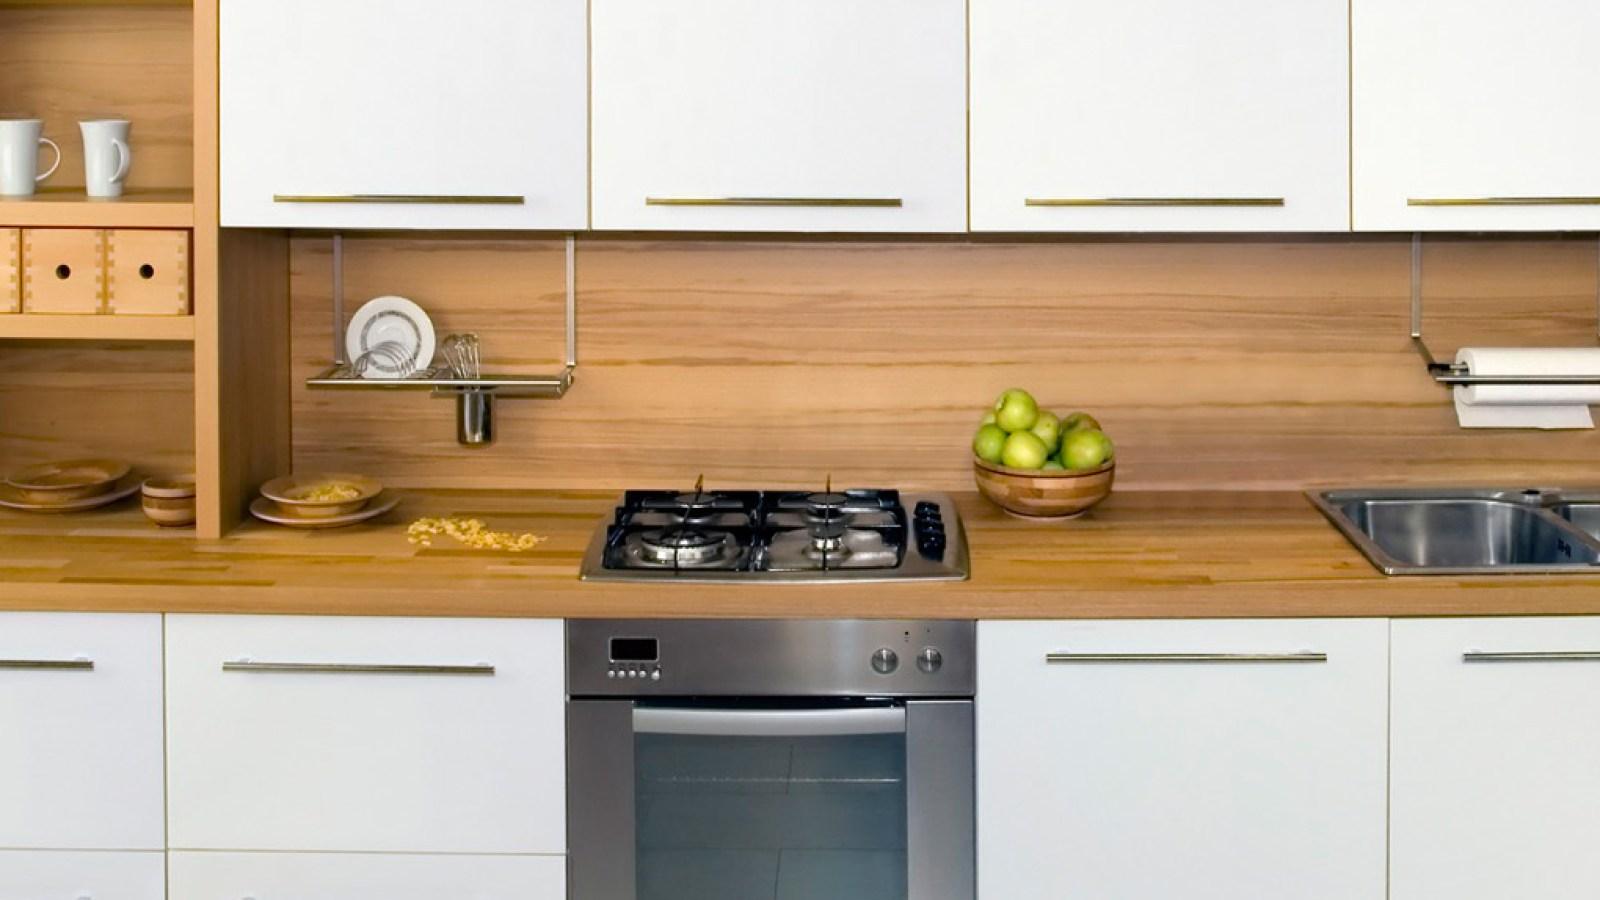 bg-image-kitchen-1